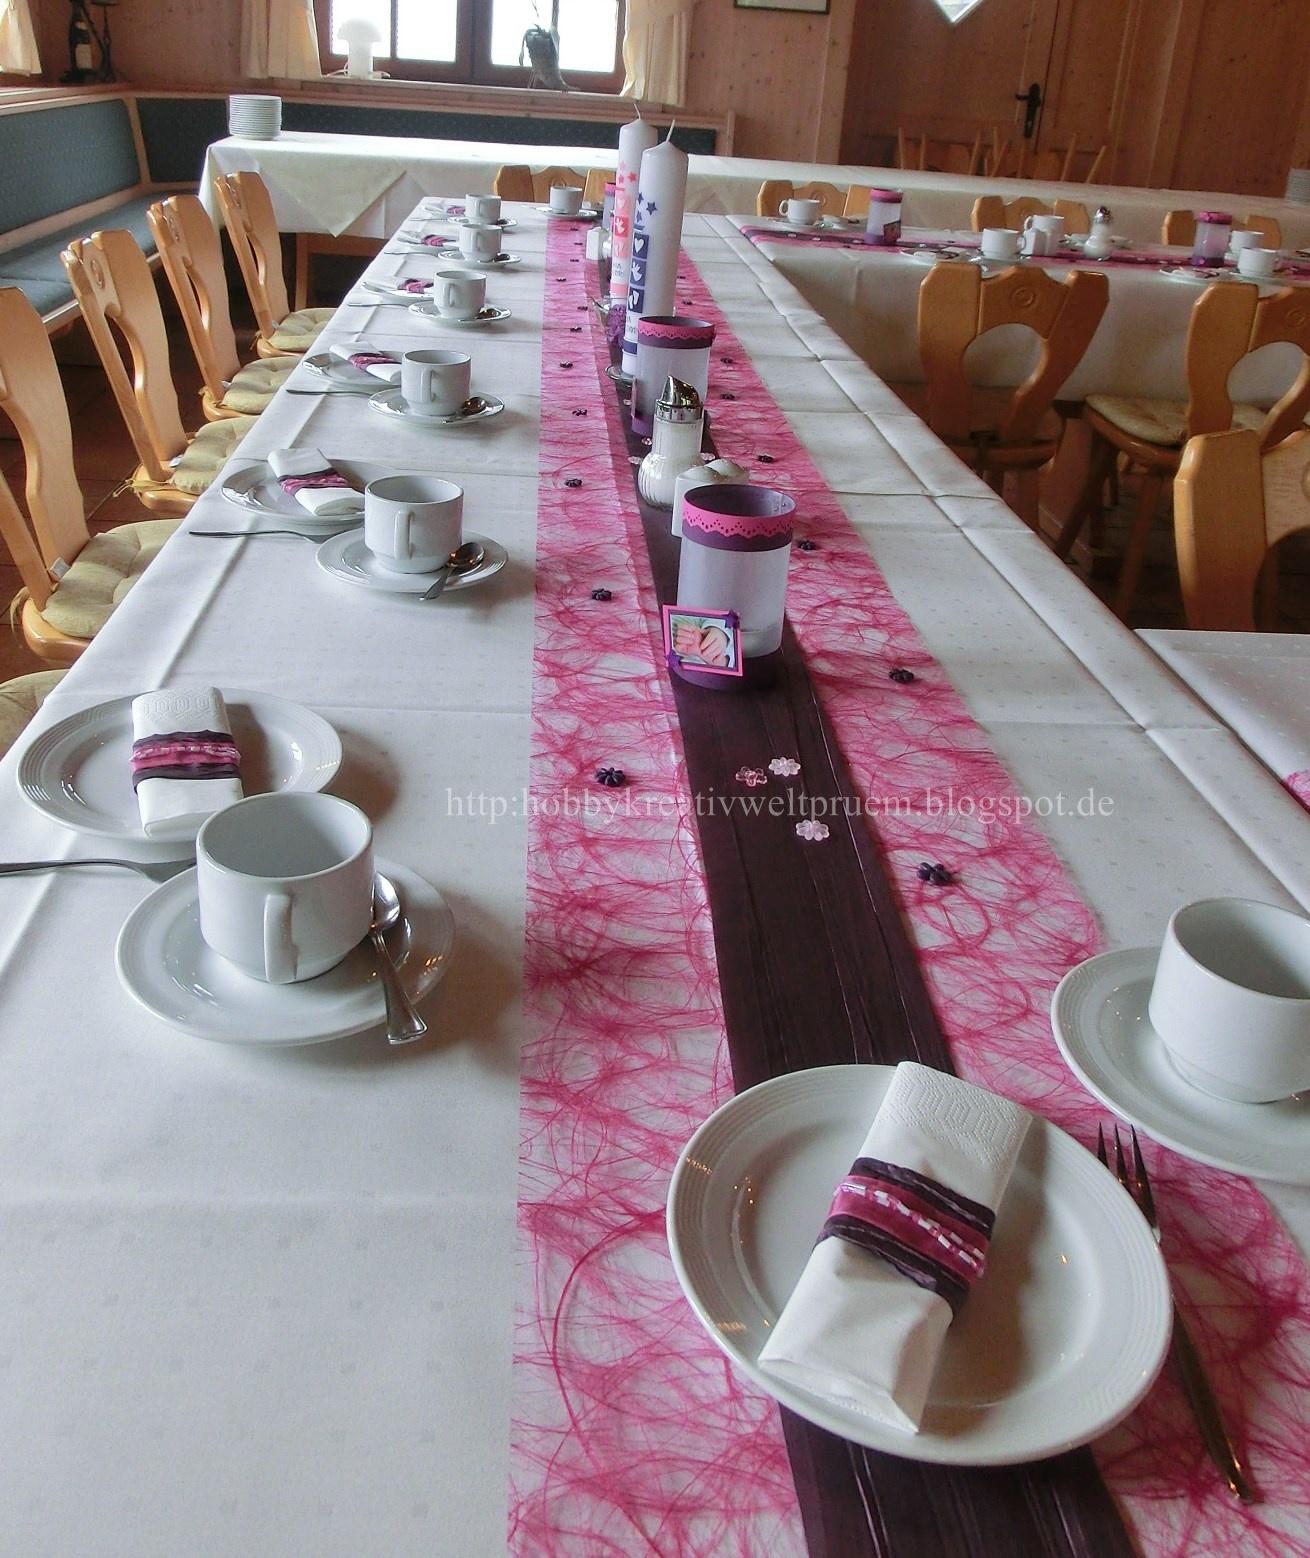 Hobby Kreativ Welt Tischdekoration zur Taufe